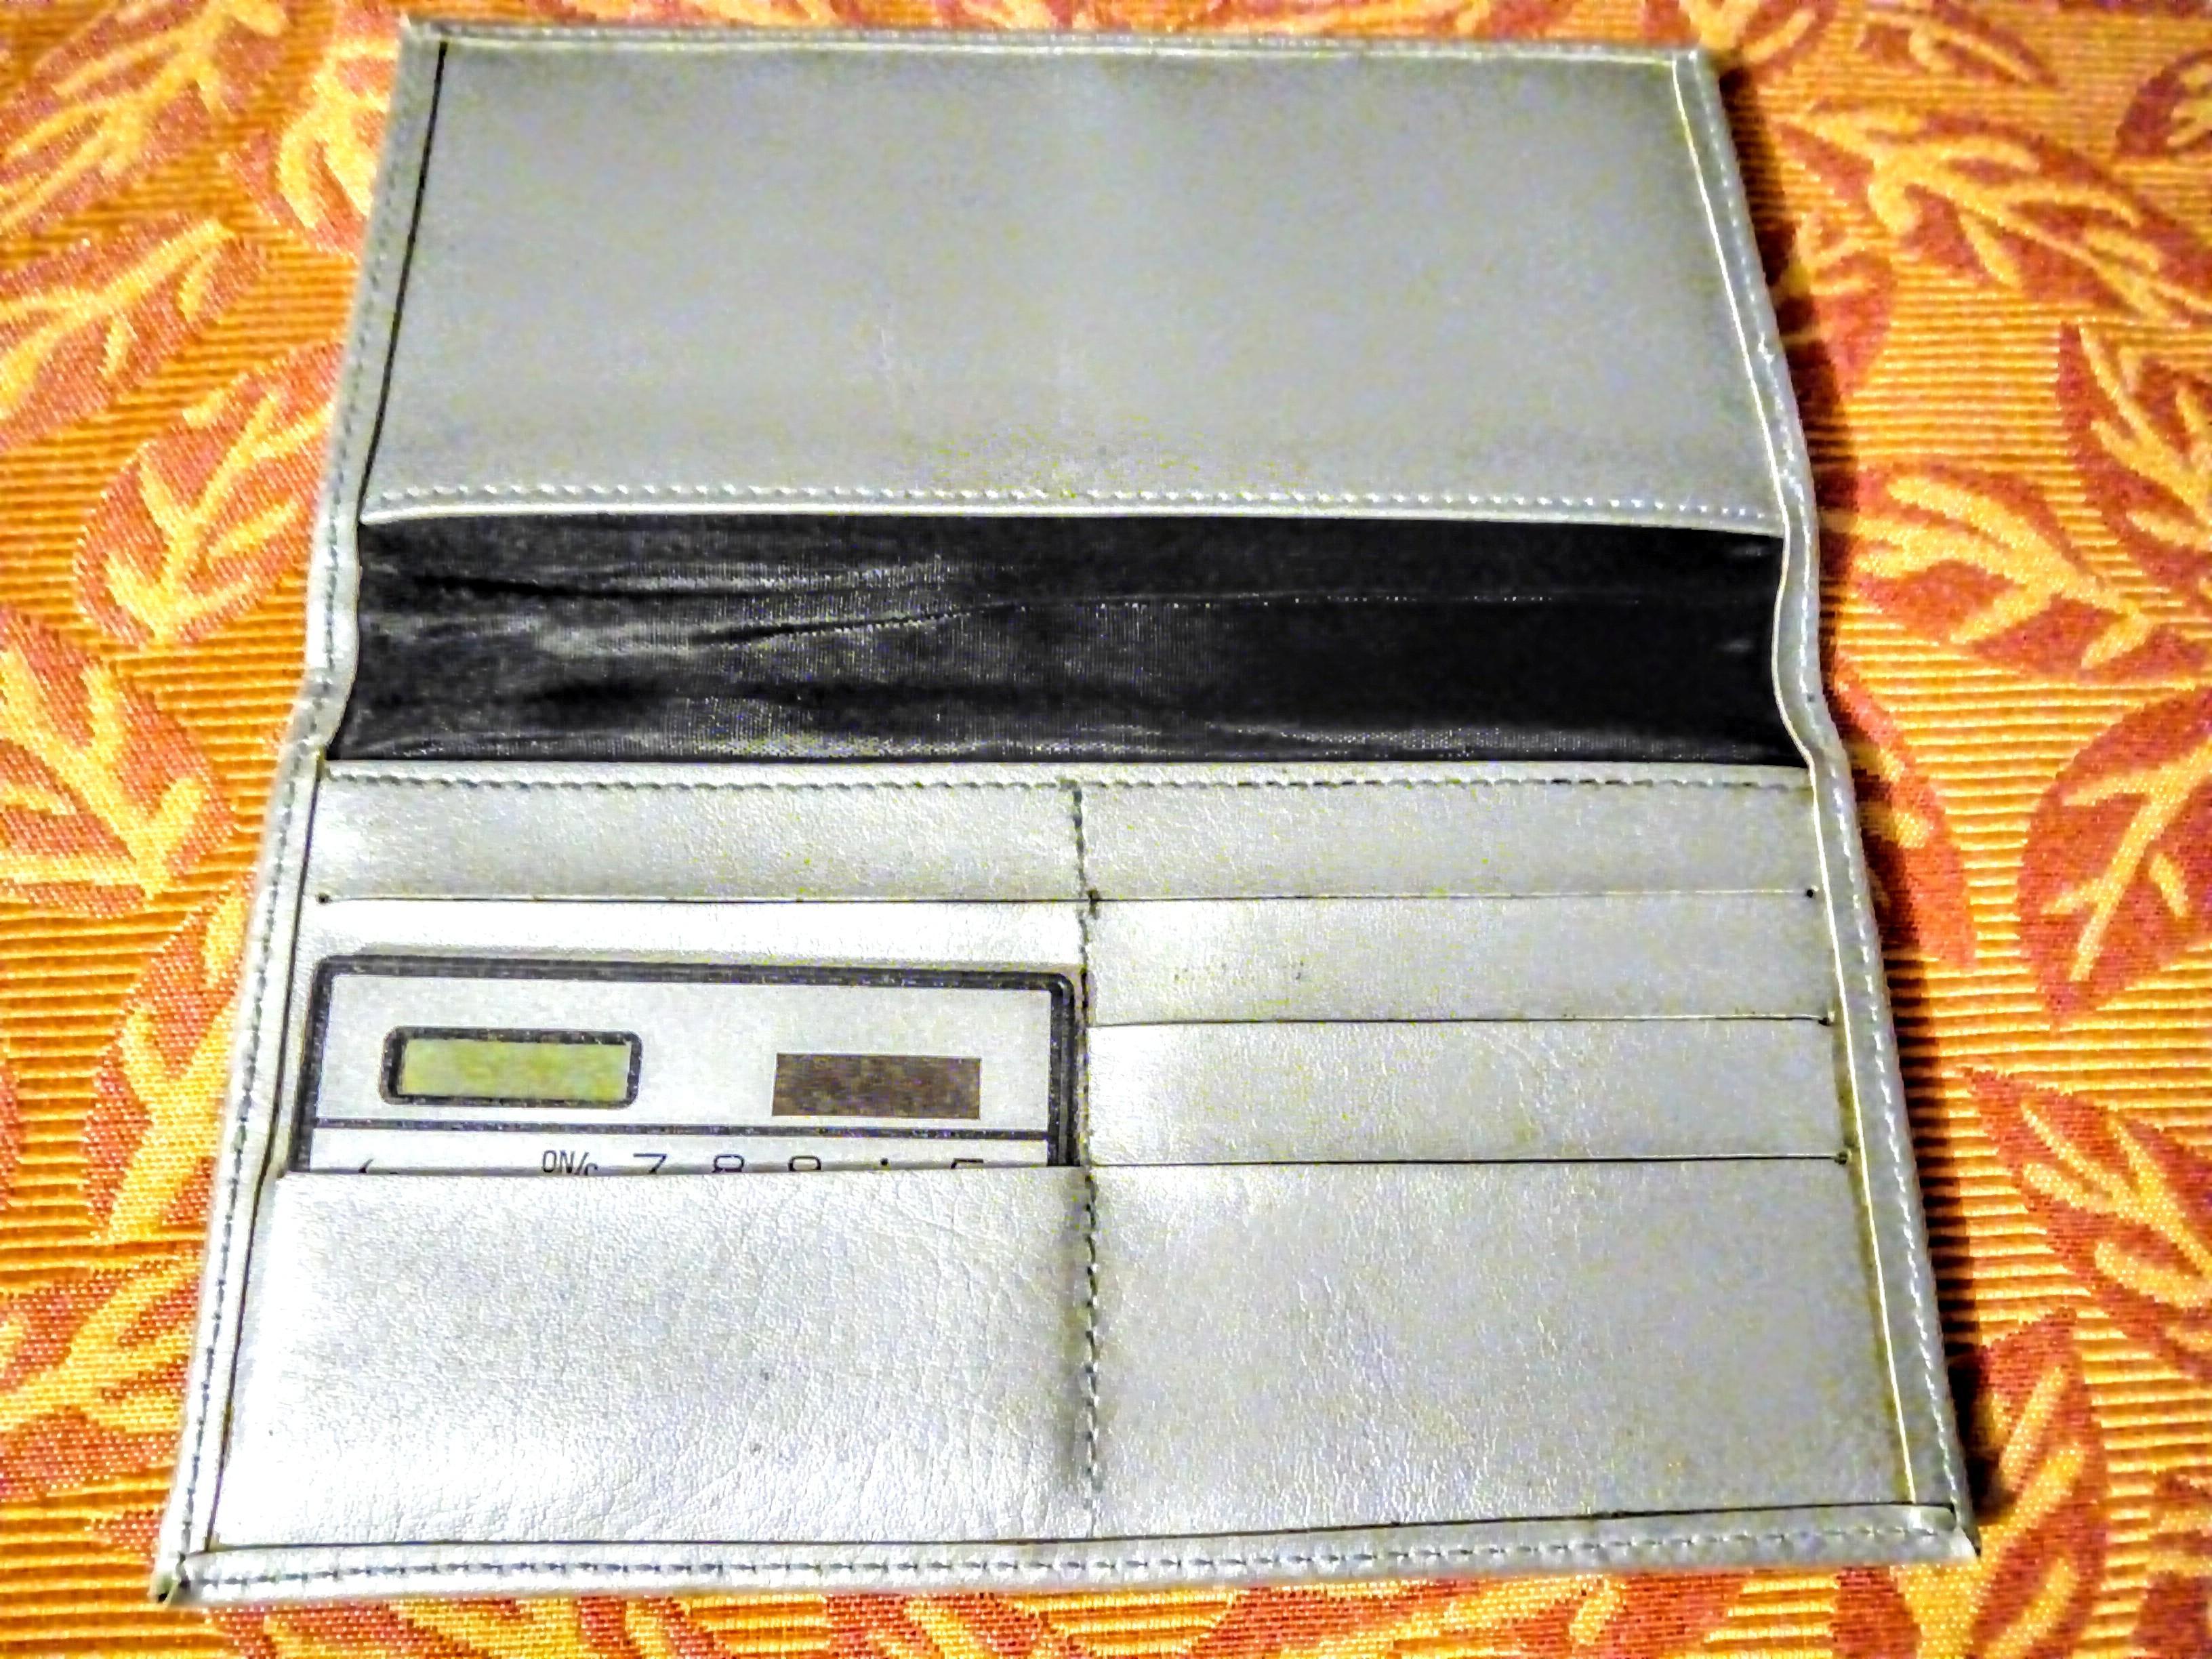 troc de troc réservé: portefeuille/cartes neuf avec calculatrice solaire image 2